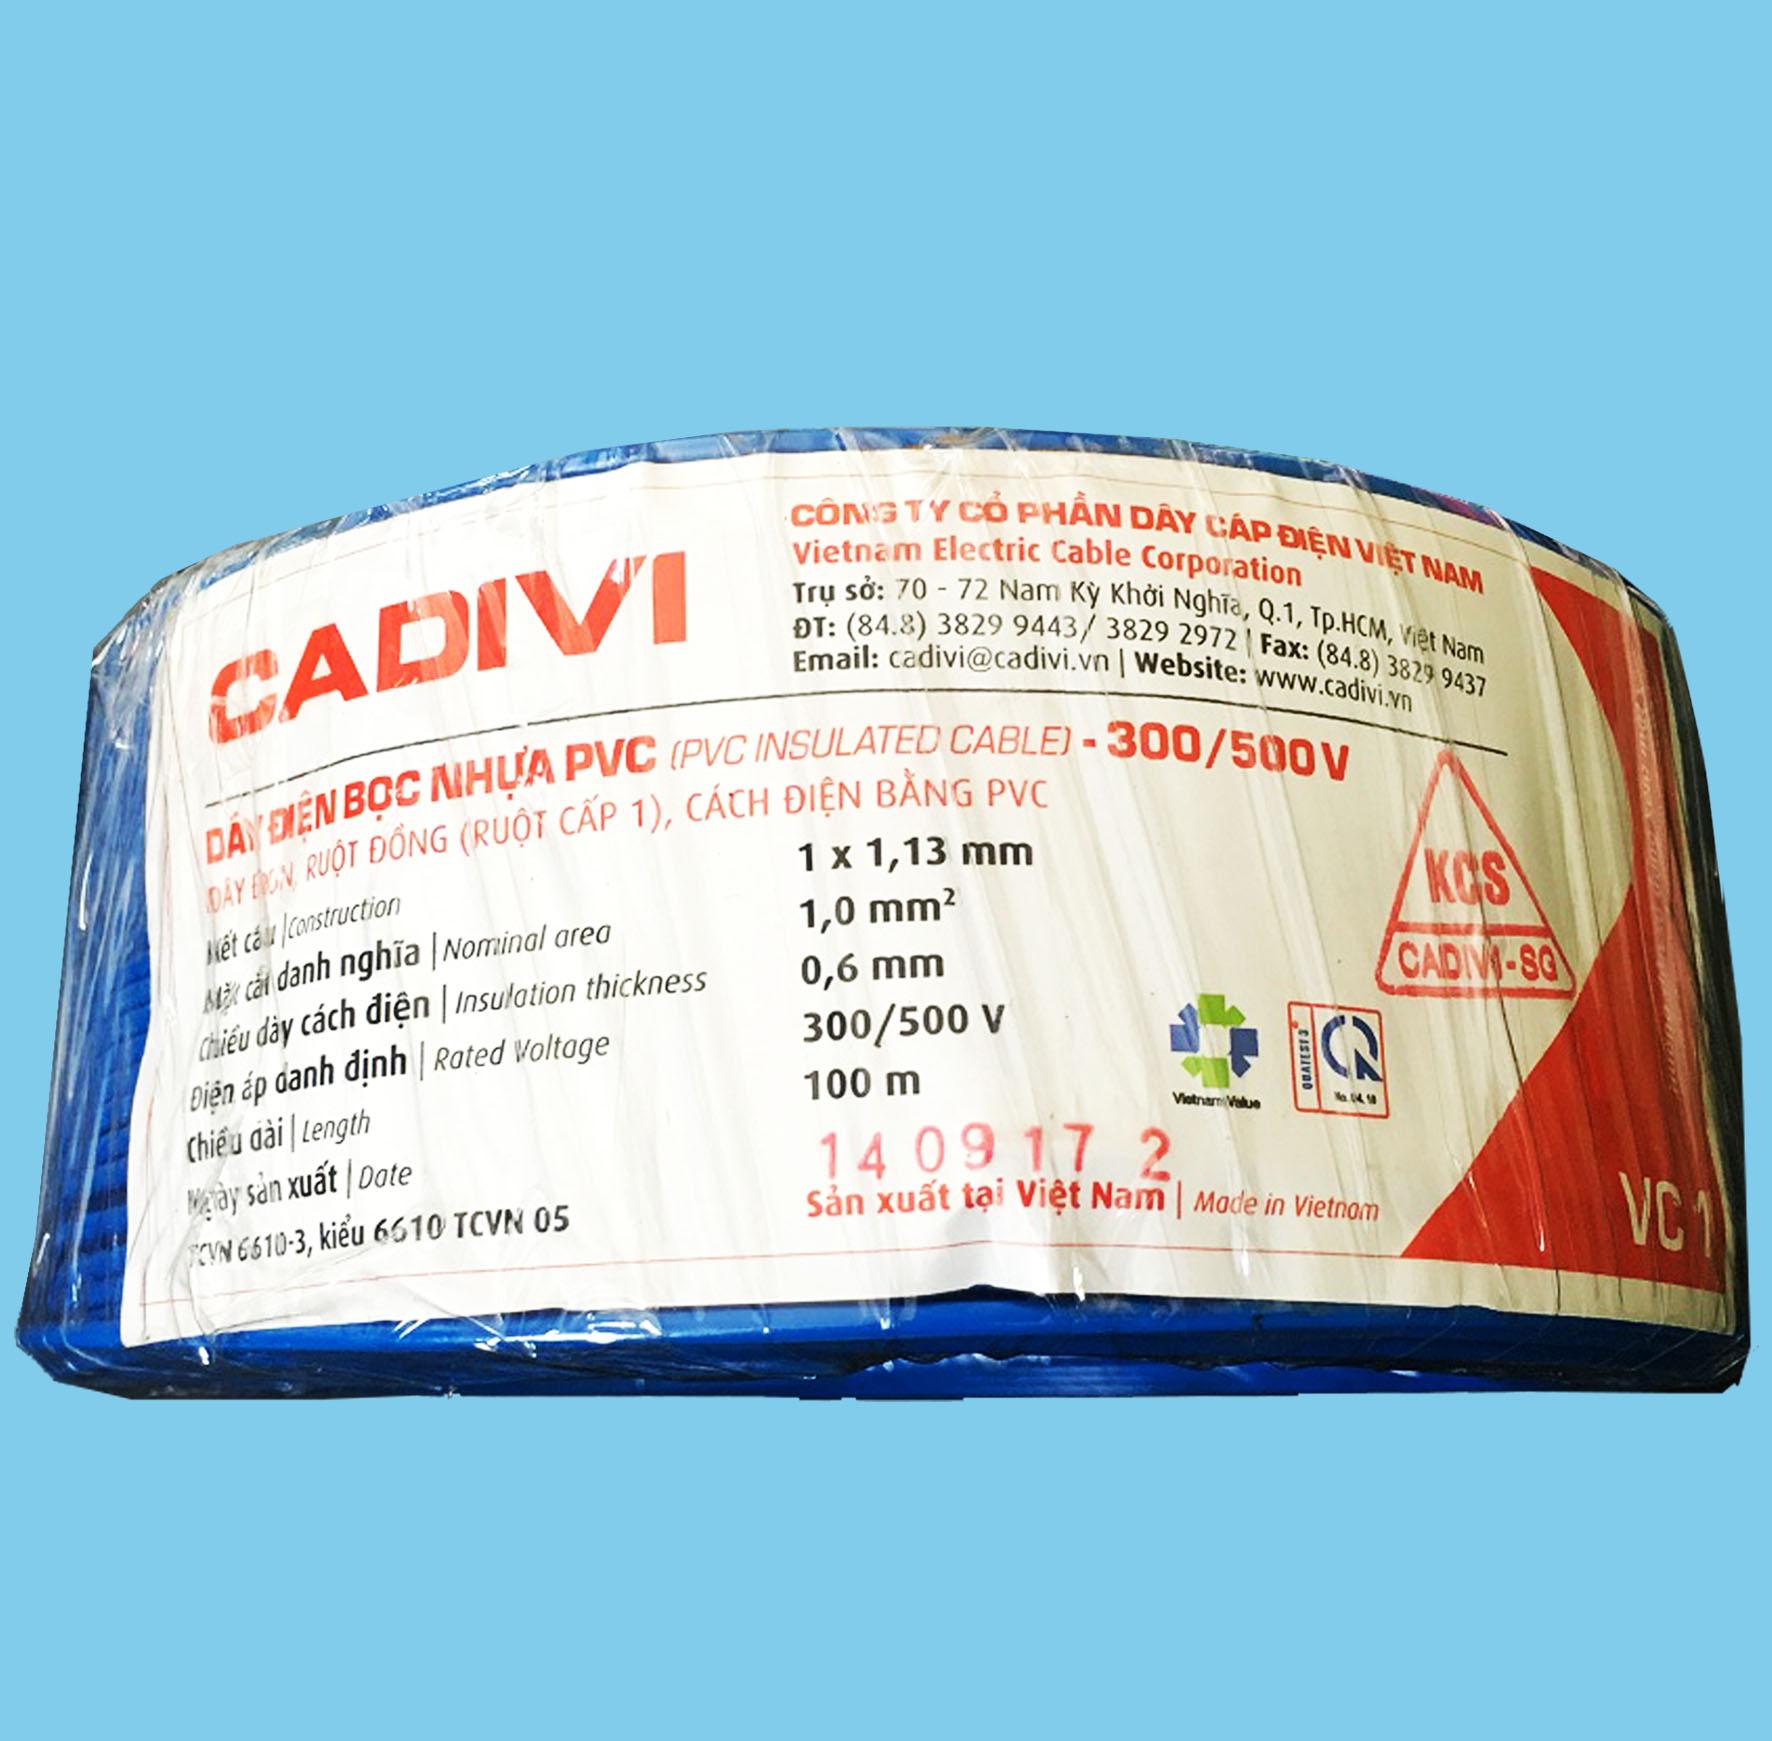 Dây điện Cadivi đơn cứng ruột đồng VC10